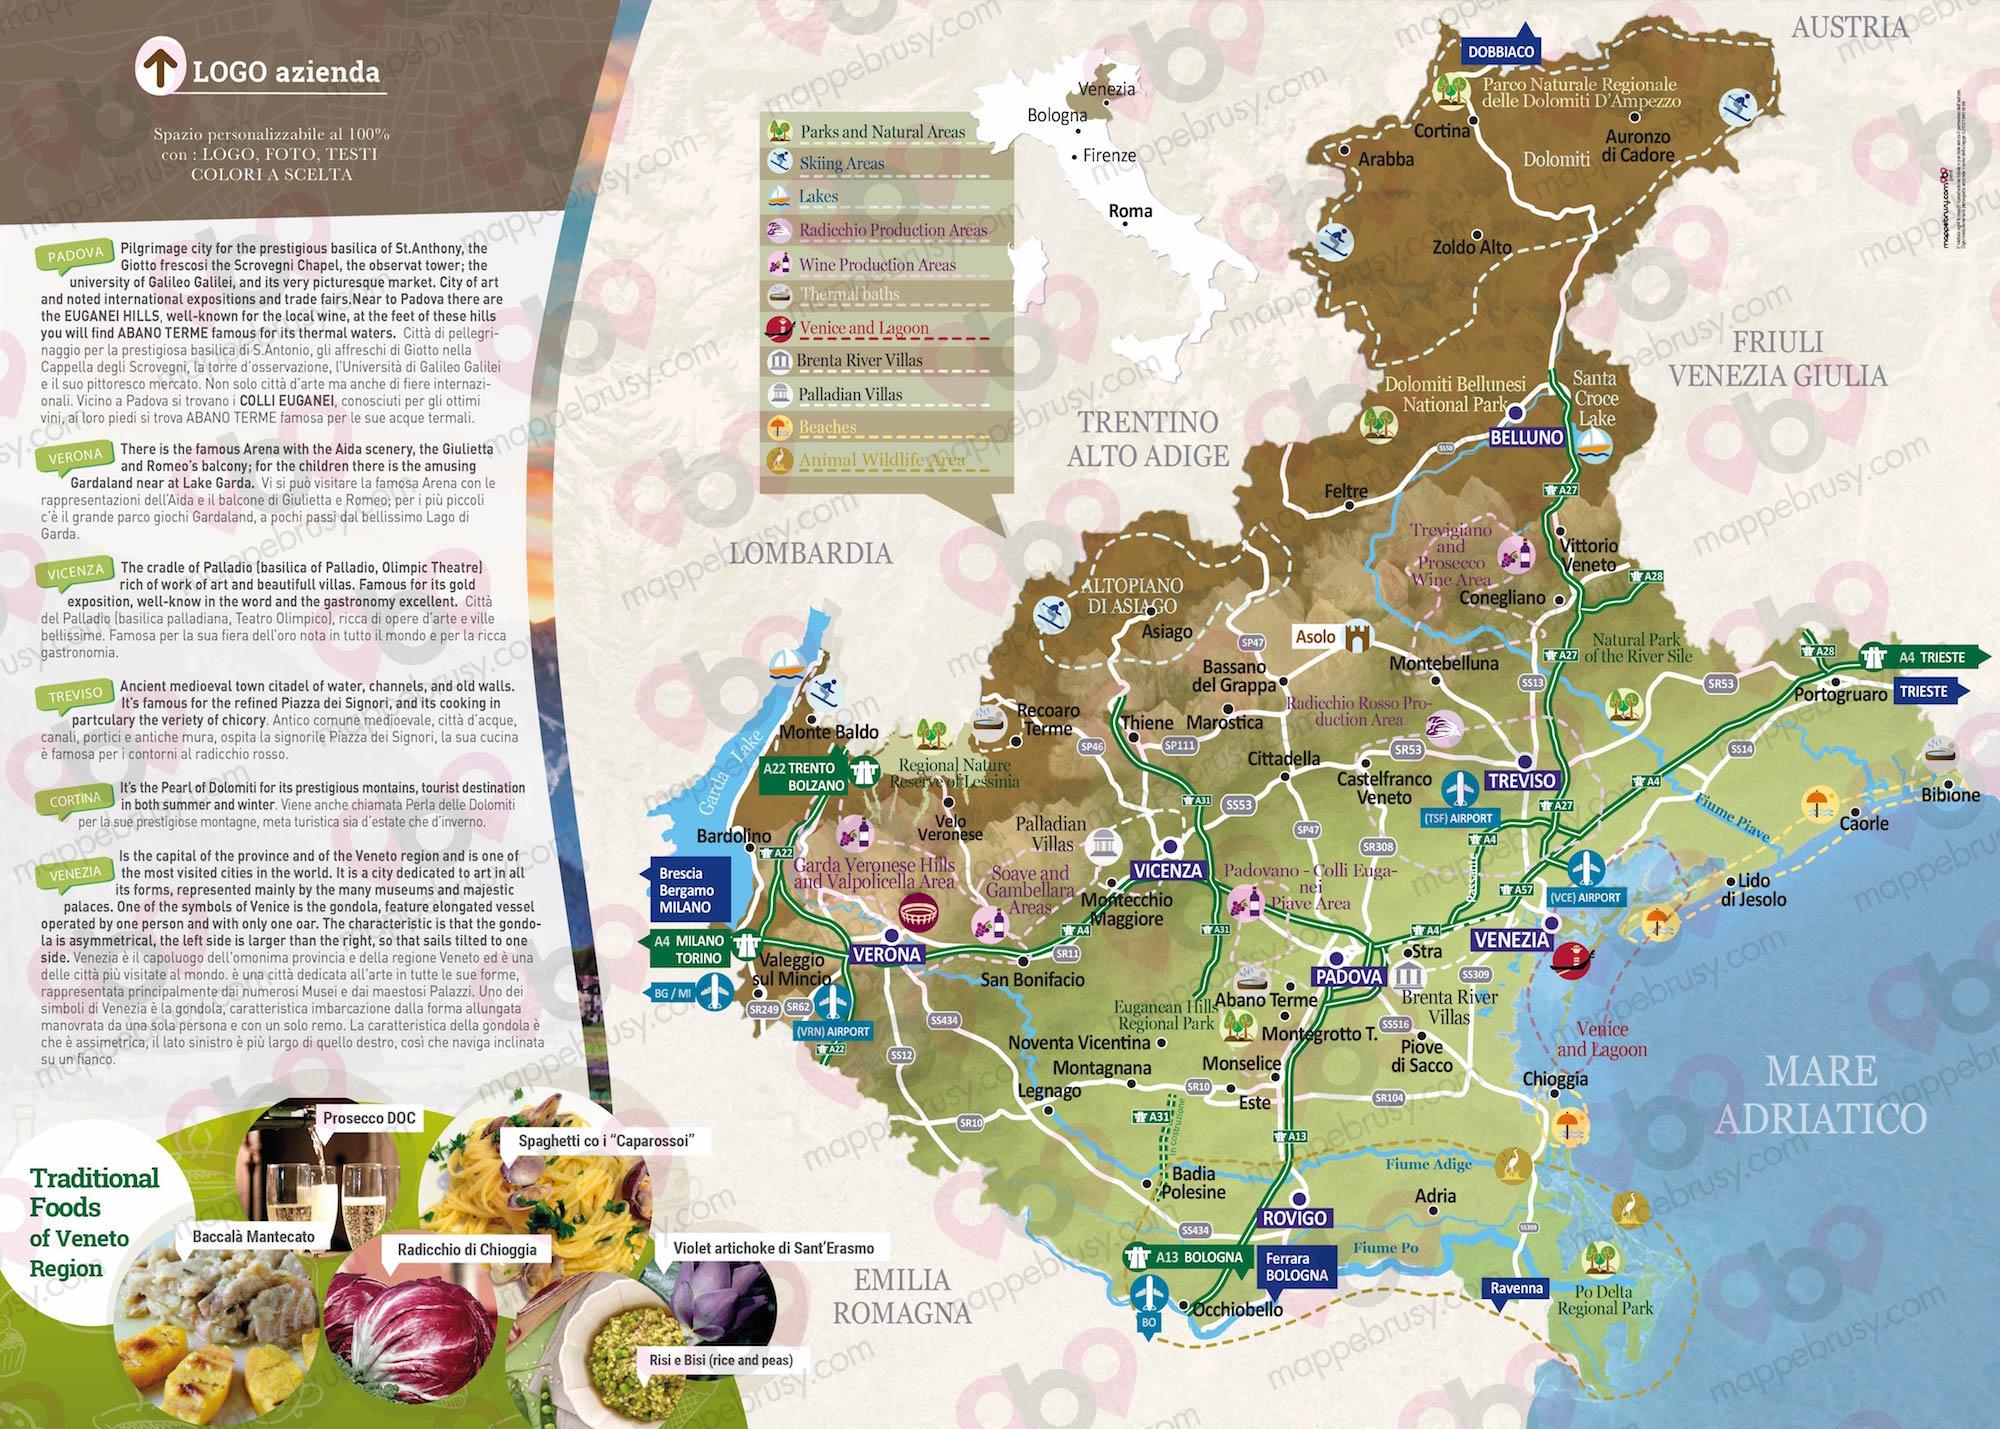 Cartina Spiagge Veneto.Il Veneto Regione Che Si Estende Dalle Dolomiti Al Mare Adriatico